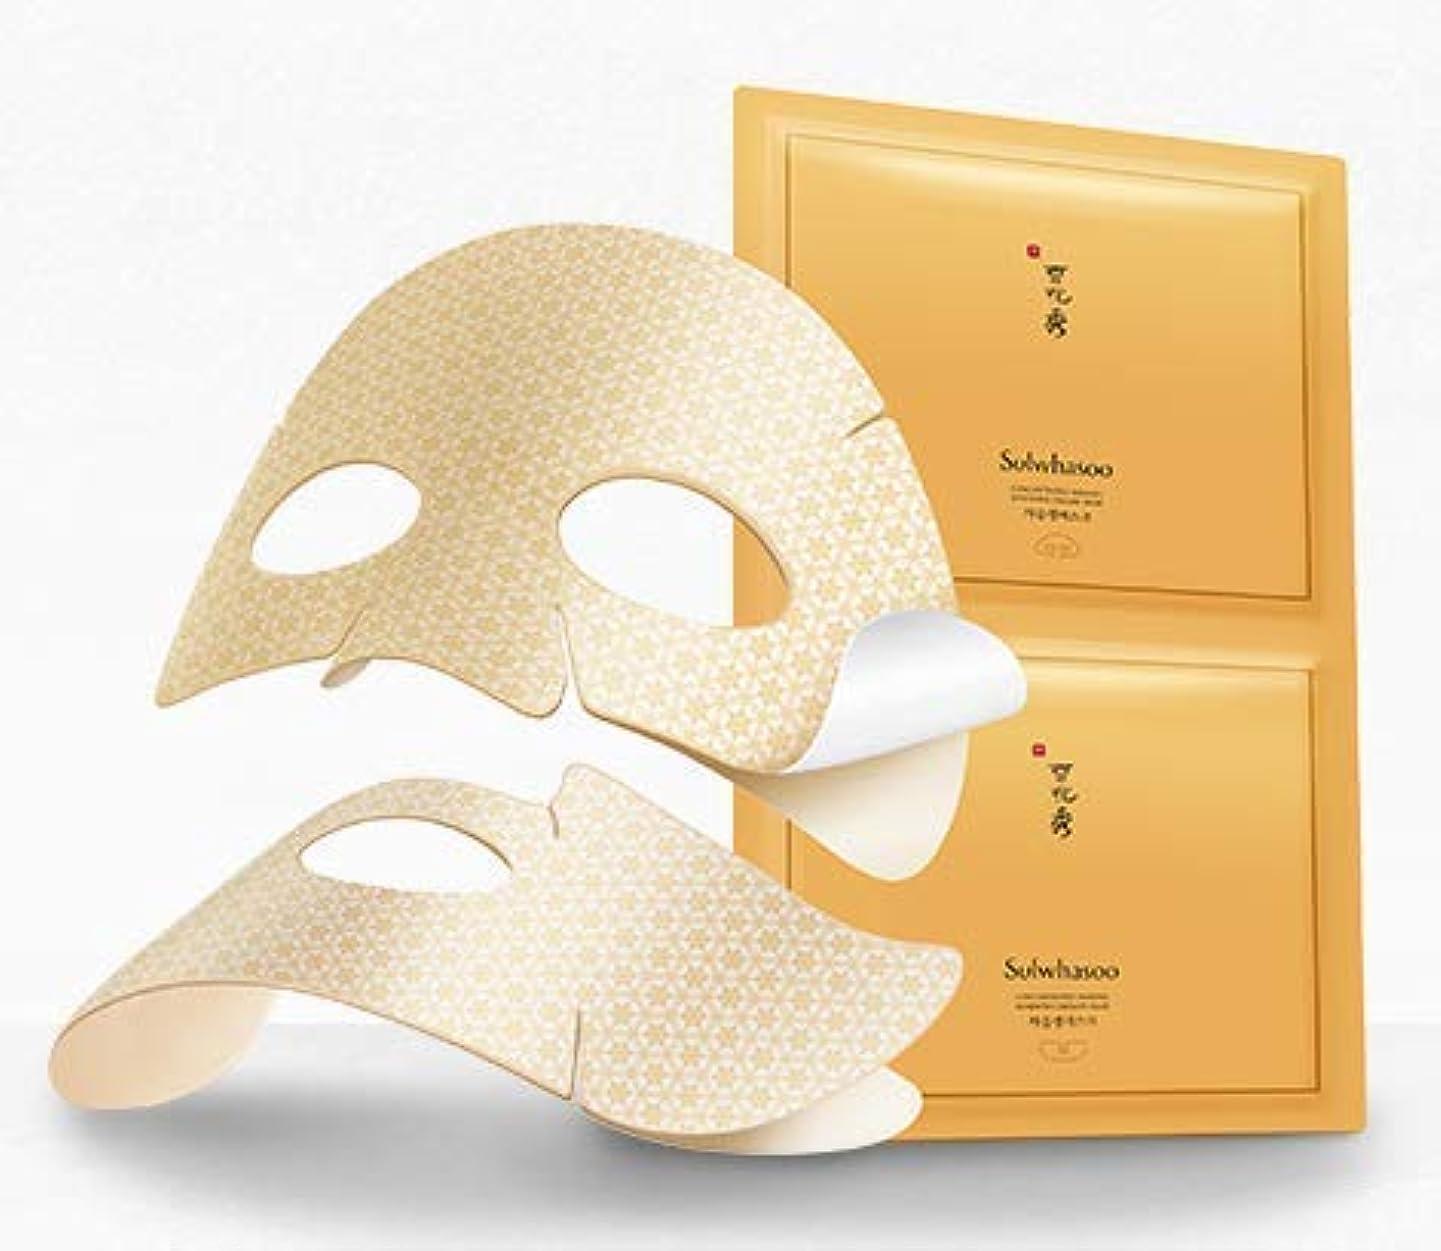 位置する電報繁殖[Sulwhasoo] [Concentrated Ginseng Renewing Creamy Mask 18g*5ea] [並行輸入品]